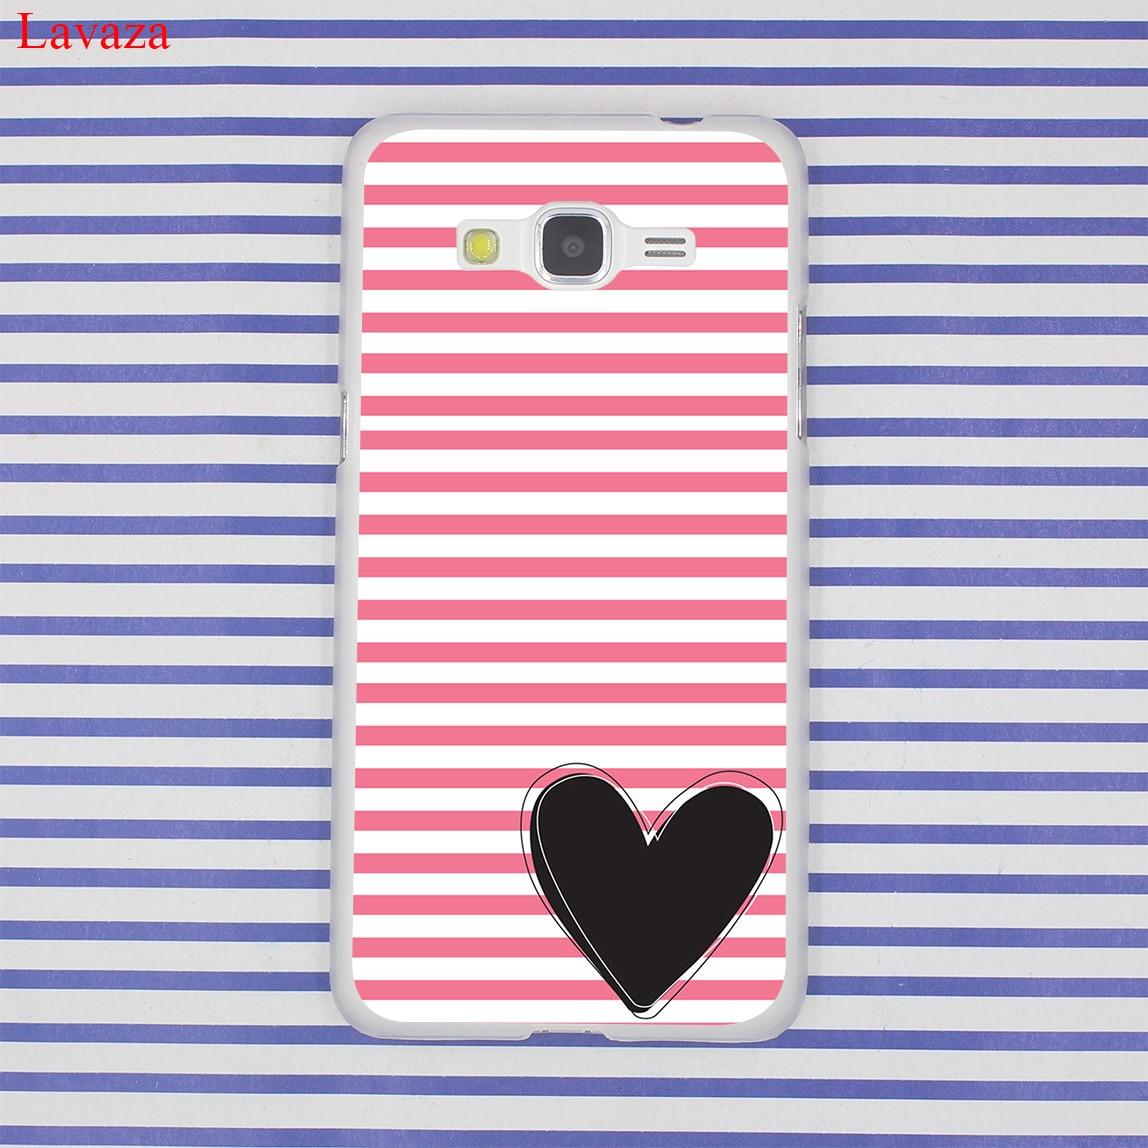 Լավագույն վարդագույն շերտեր սրտի - Բջջային հեռախոսի պարագաներ և պահեստամասեր - Լուսանկար 2